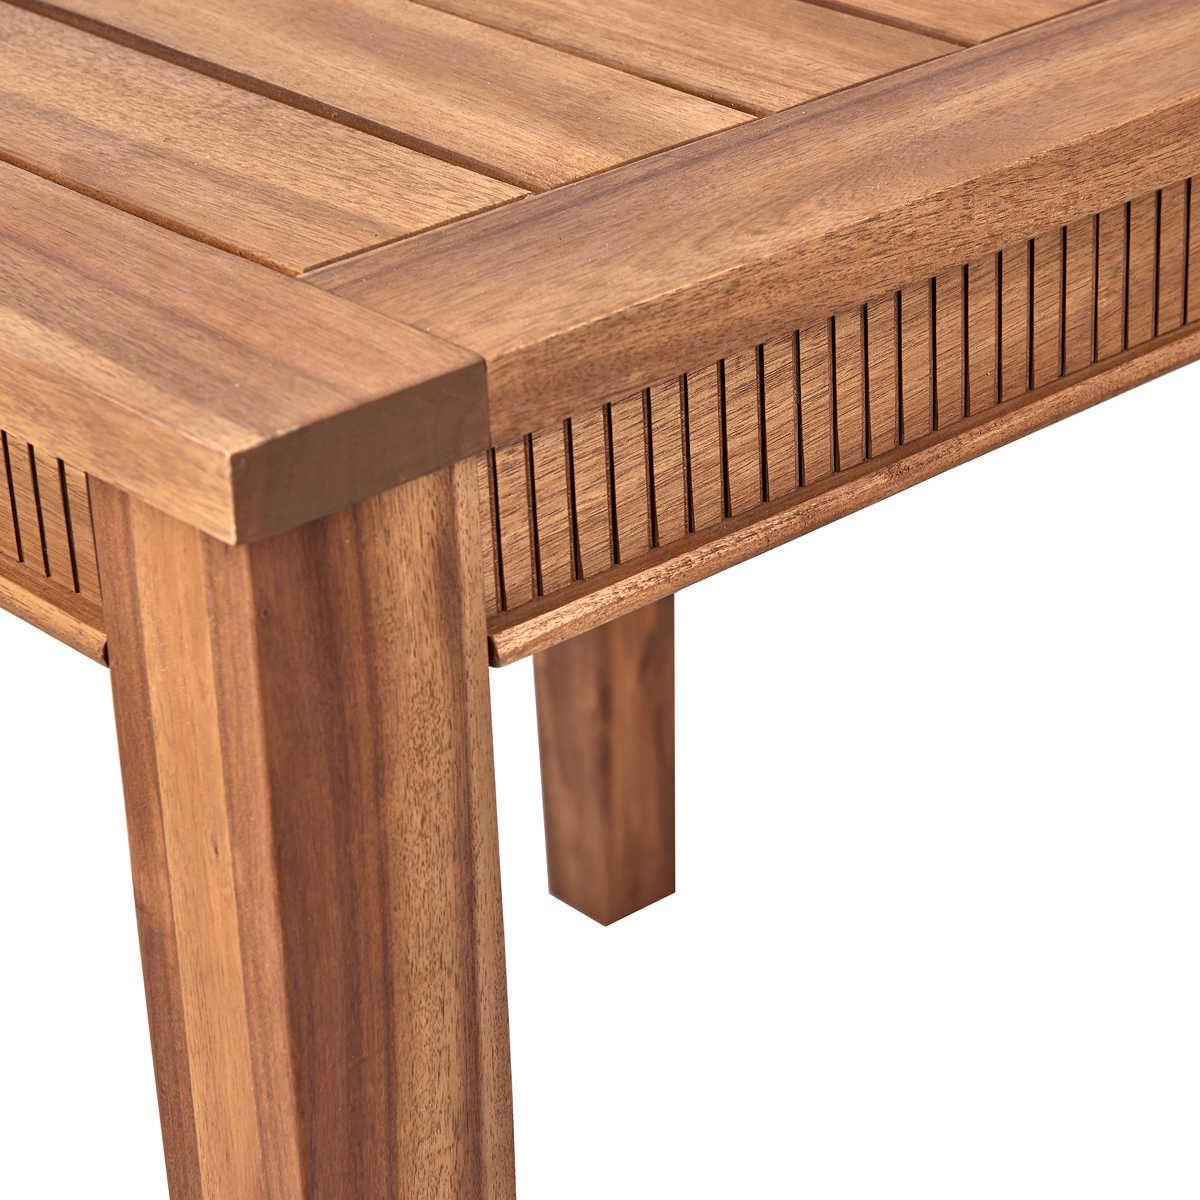 Bild 4 von Tisch 80x80 cm